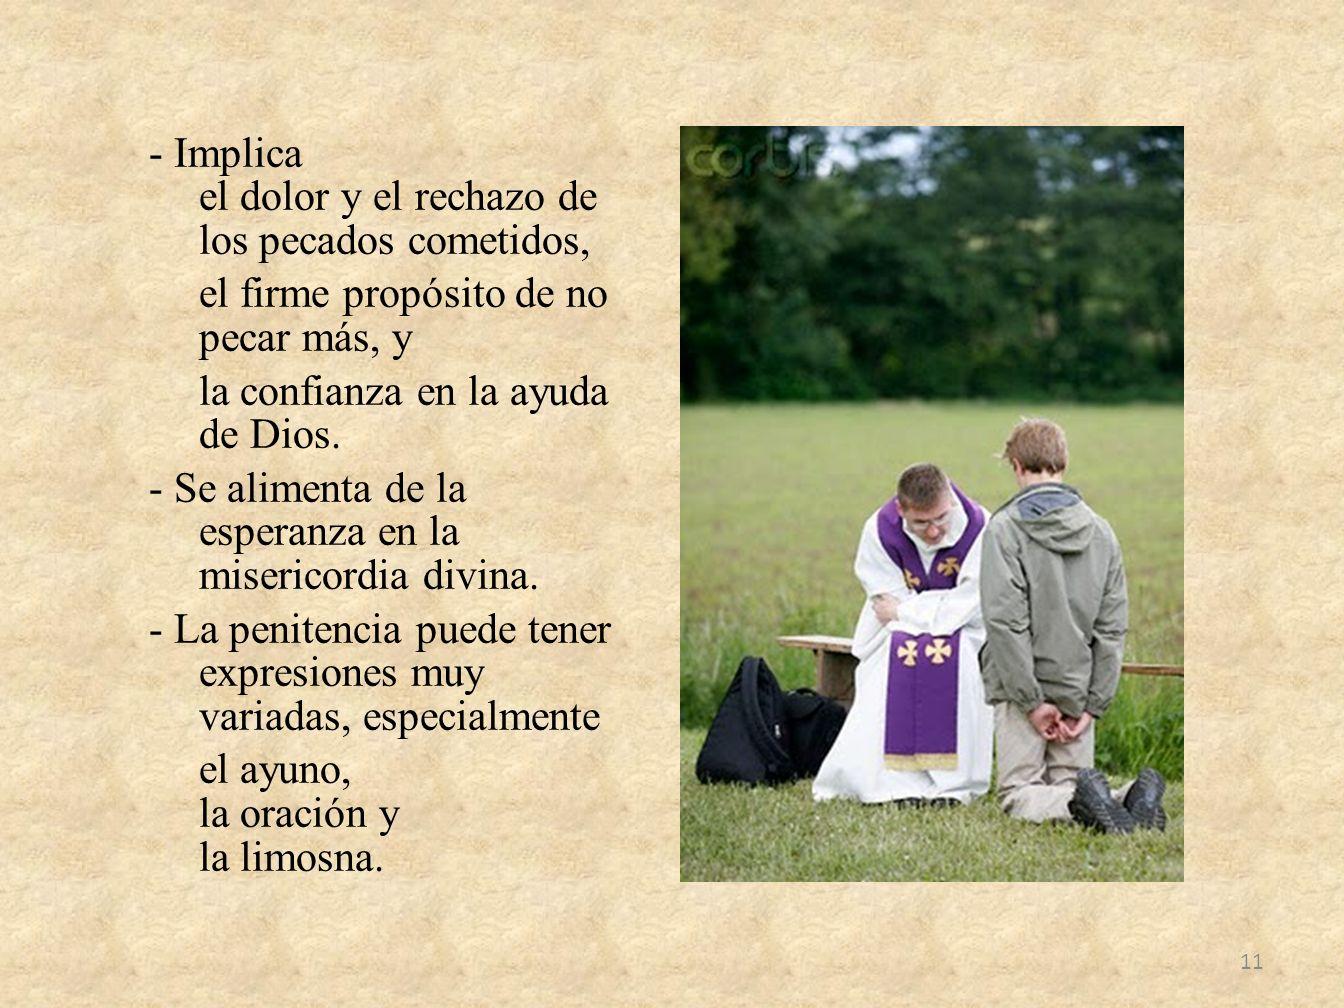 - Implica el dolor y el rechazo de los pecados cometidos, el firme propósito de no pecar más, y la confianza en la ayuda de Dios.